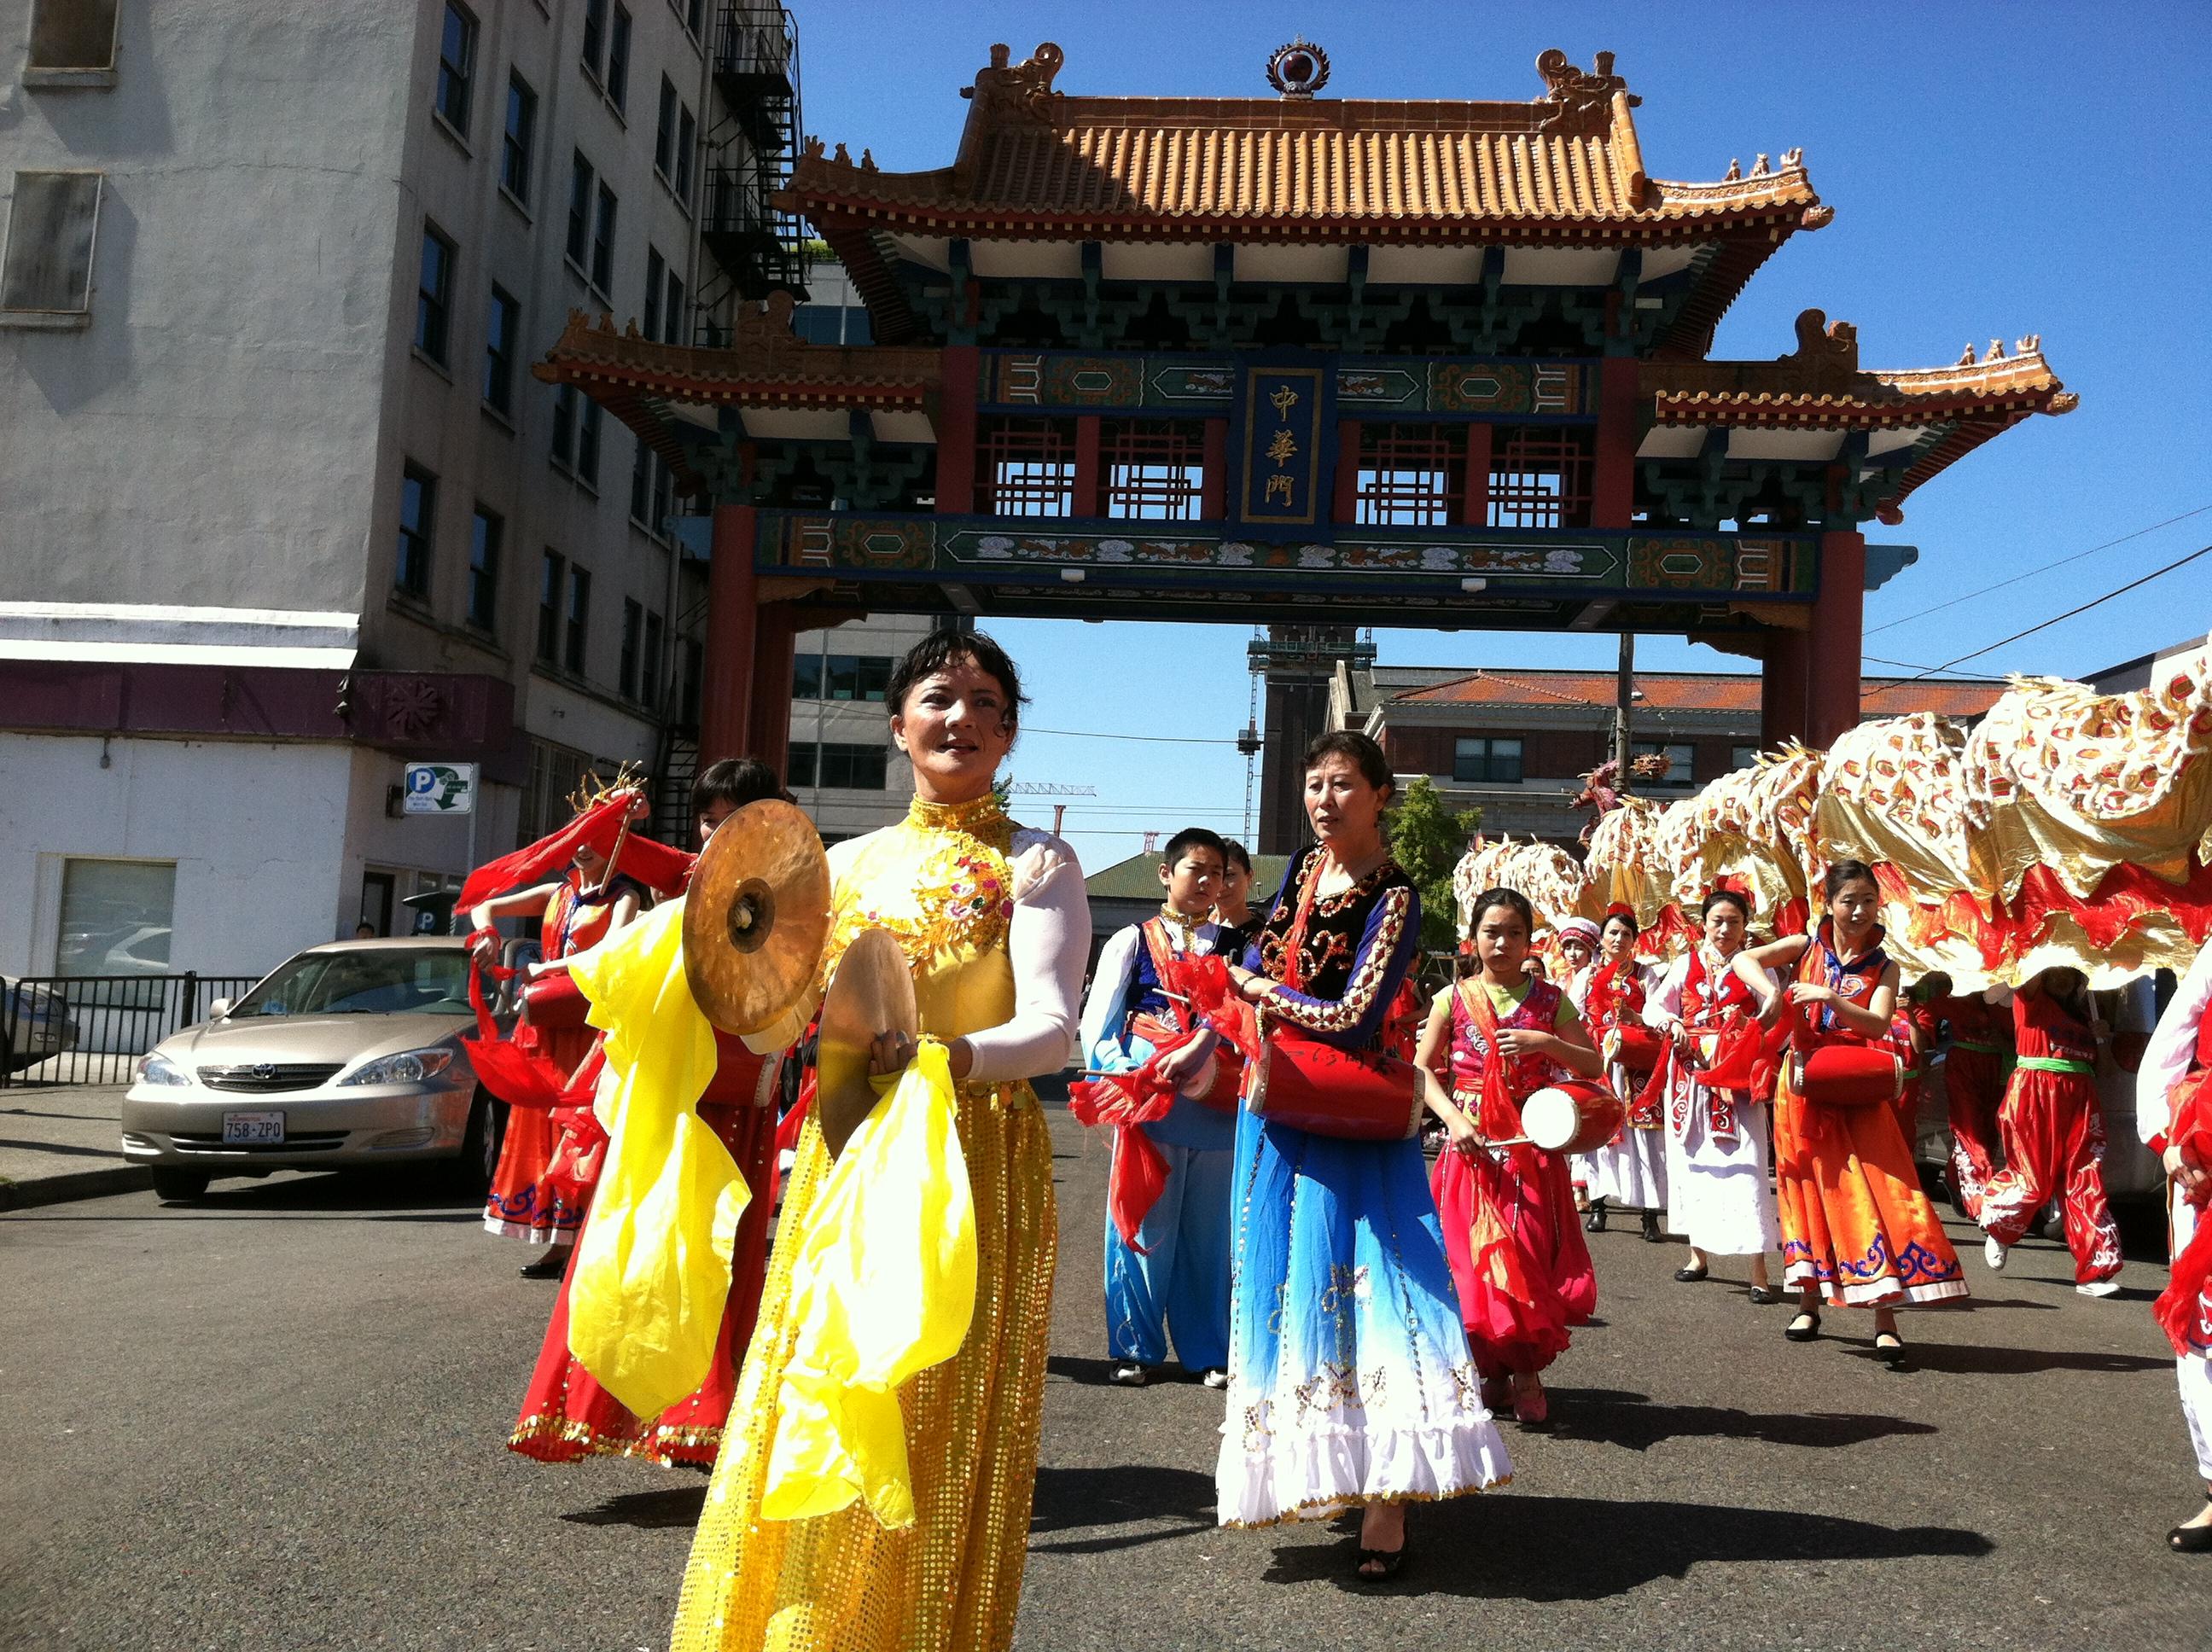 2012 Chinatown Seafair Parade Image 222